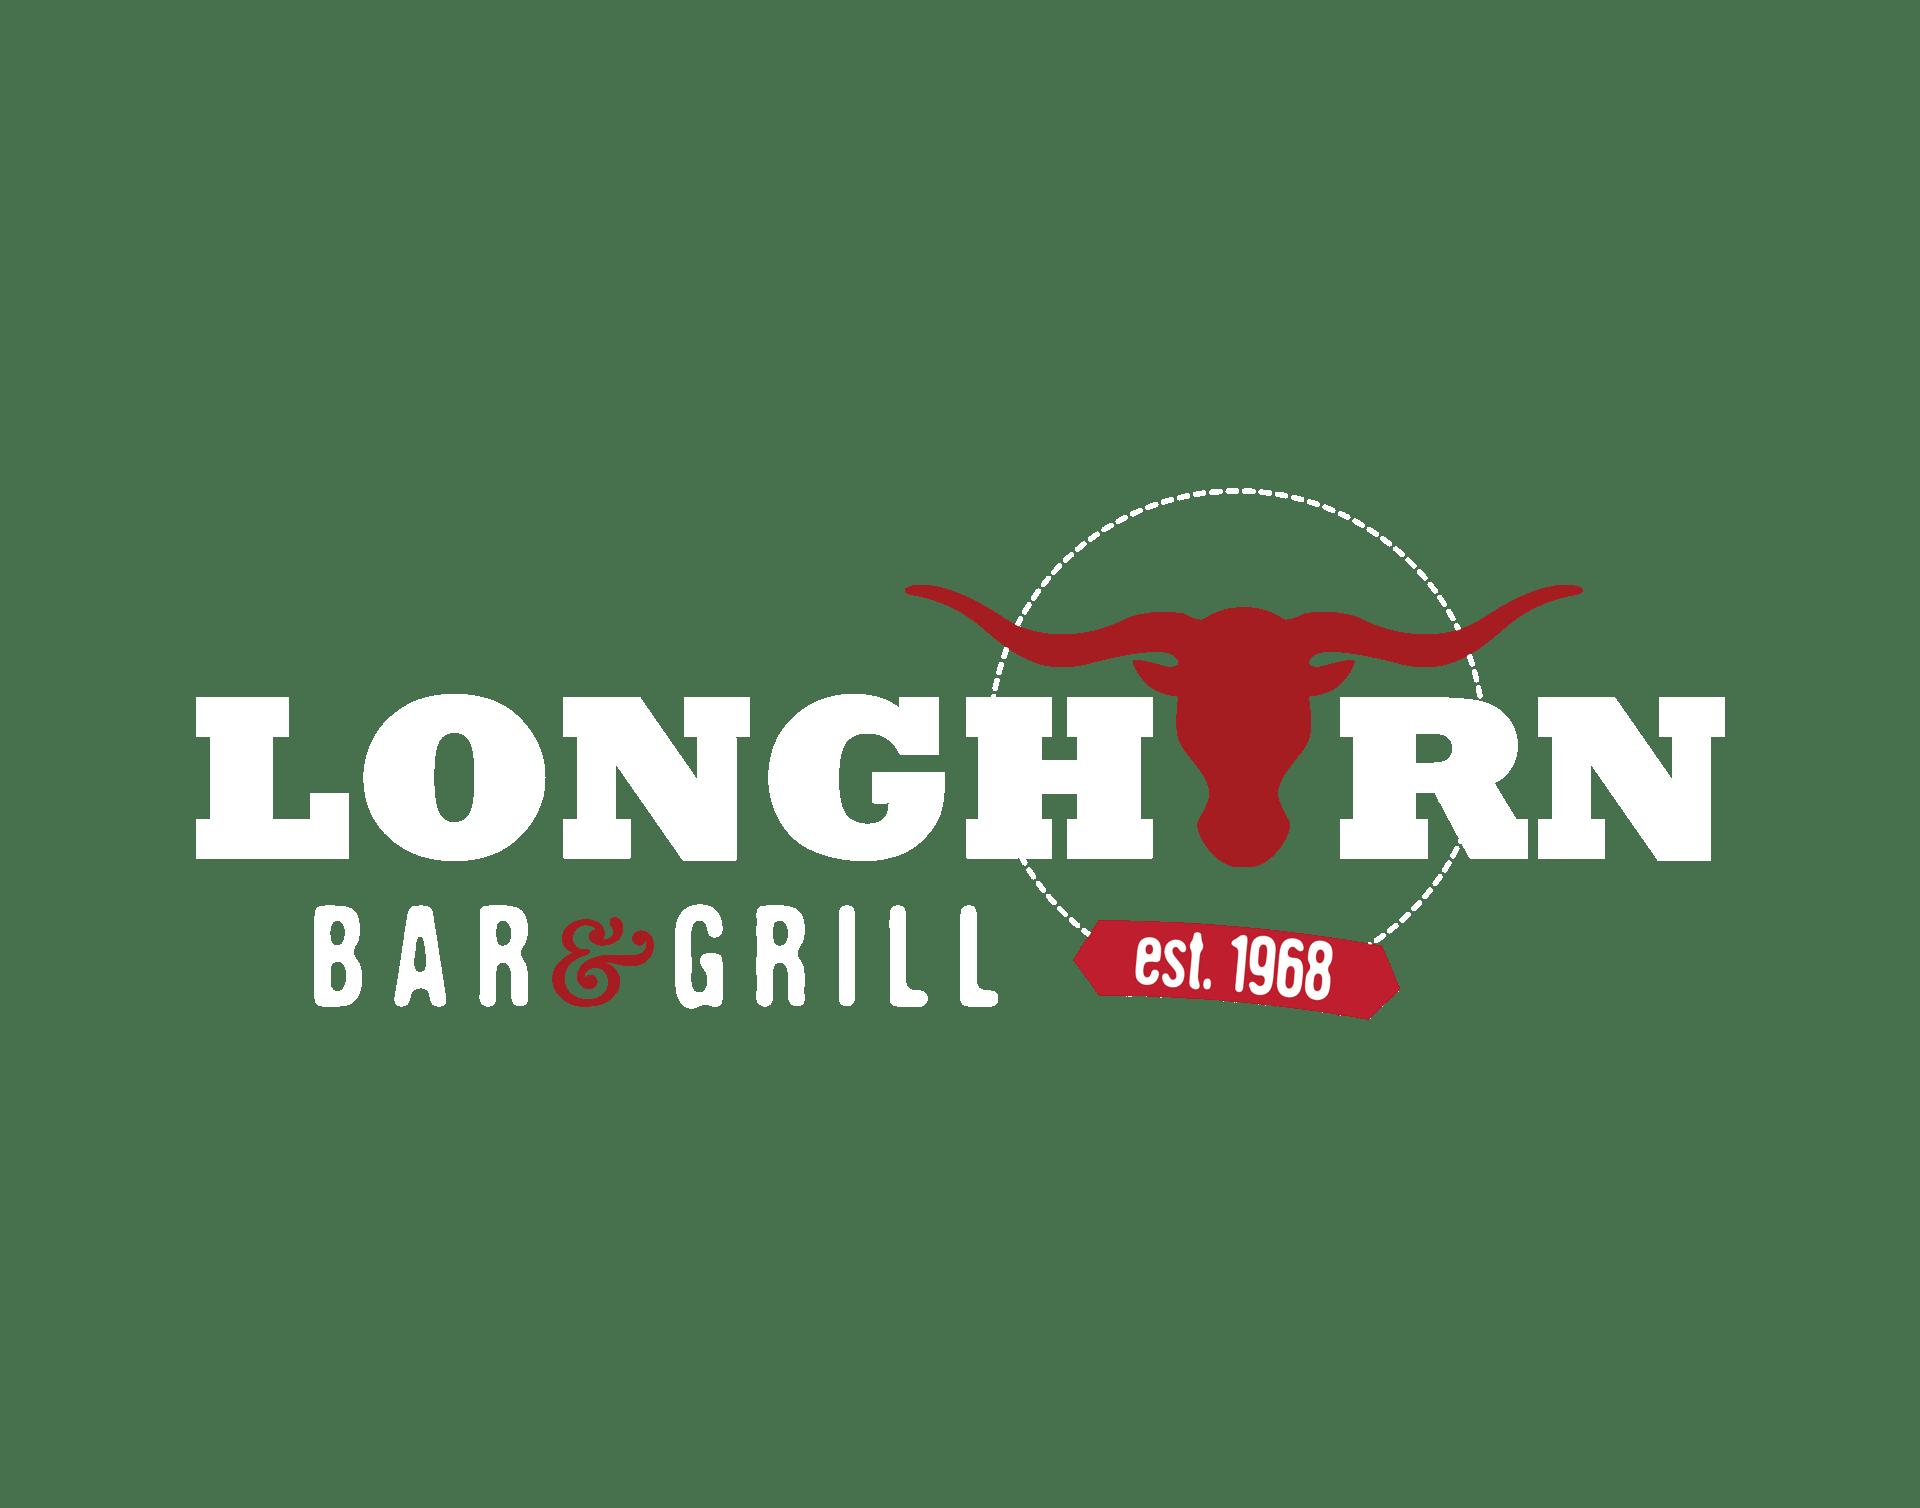 Longhorn Bar & Grill logo